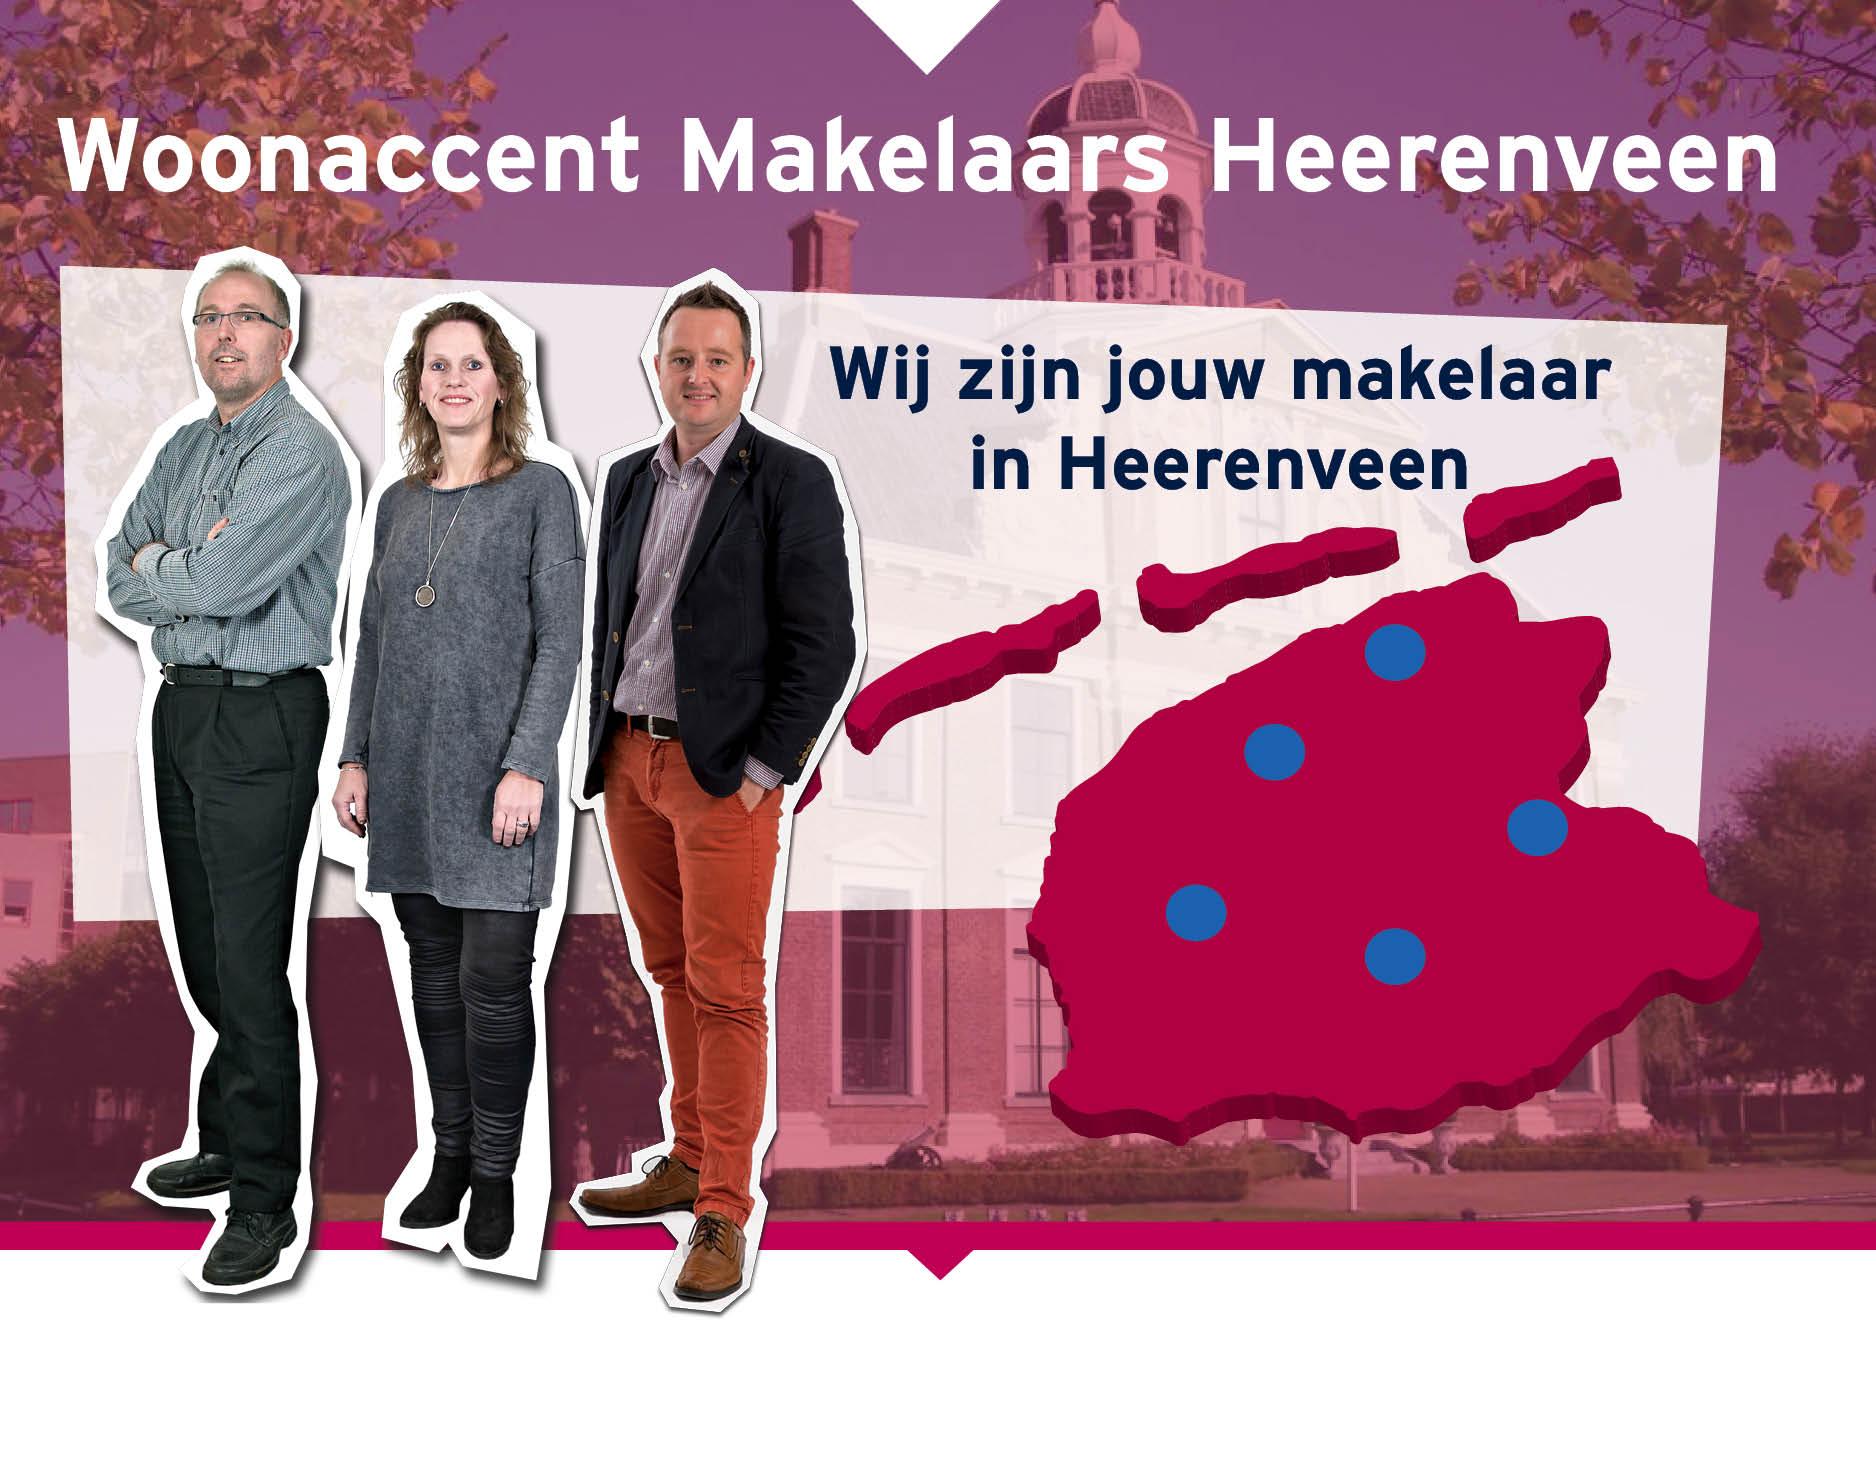 Makelaar in Heerenveen nodig?